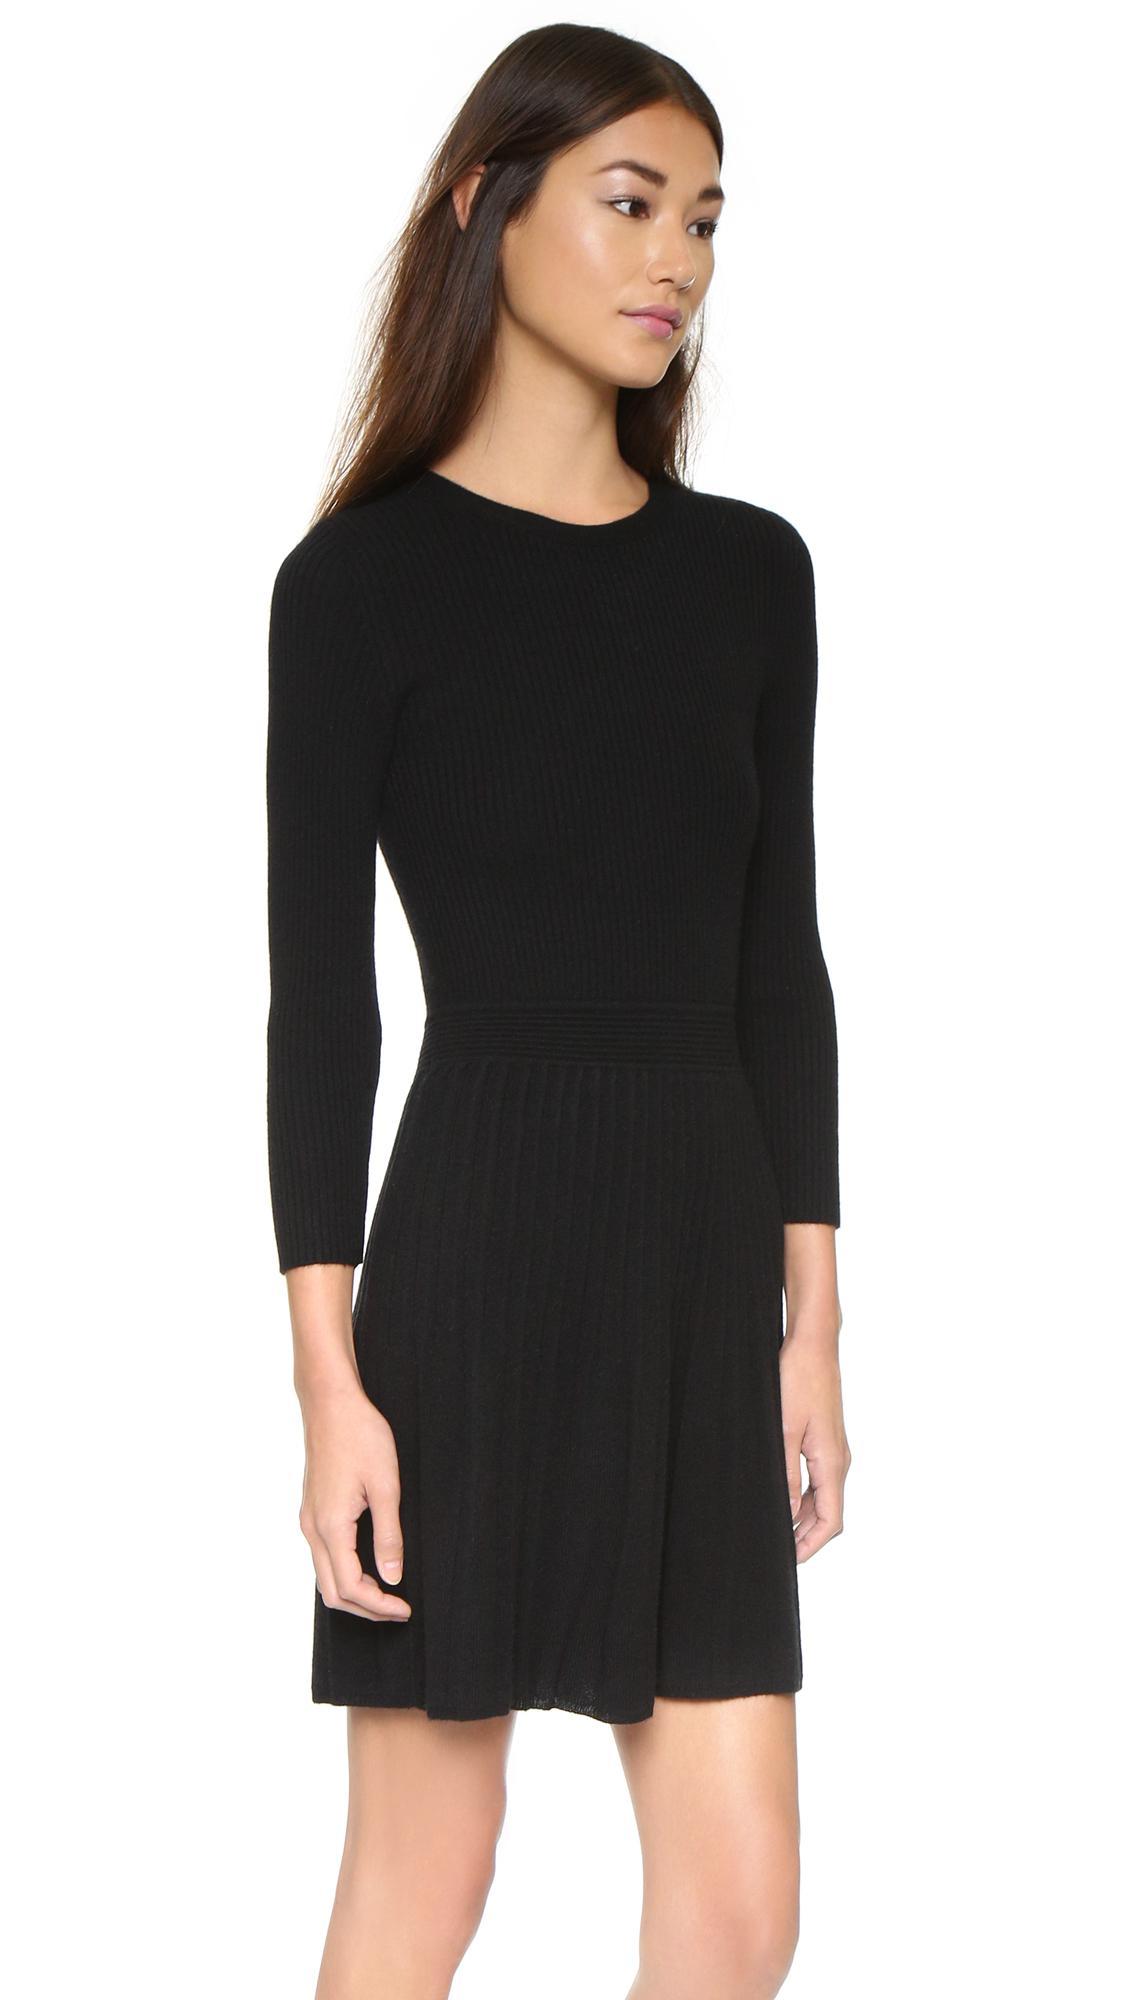 de920ba0b6 Lyst - Joie Peronne Sweater Dress